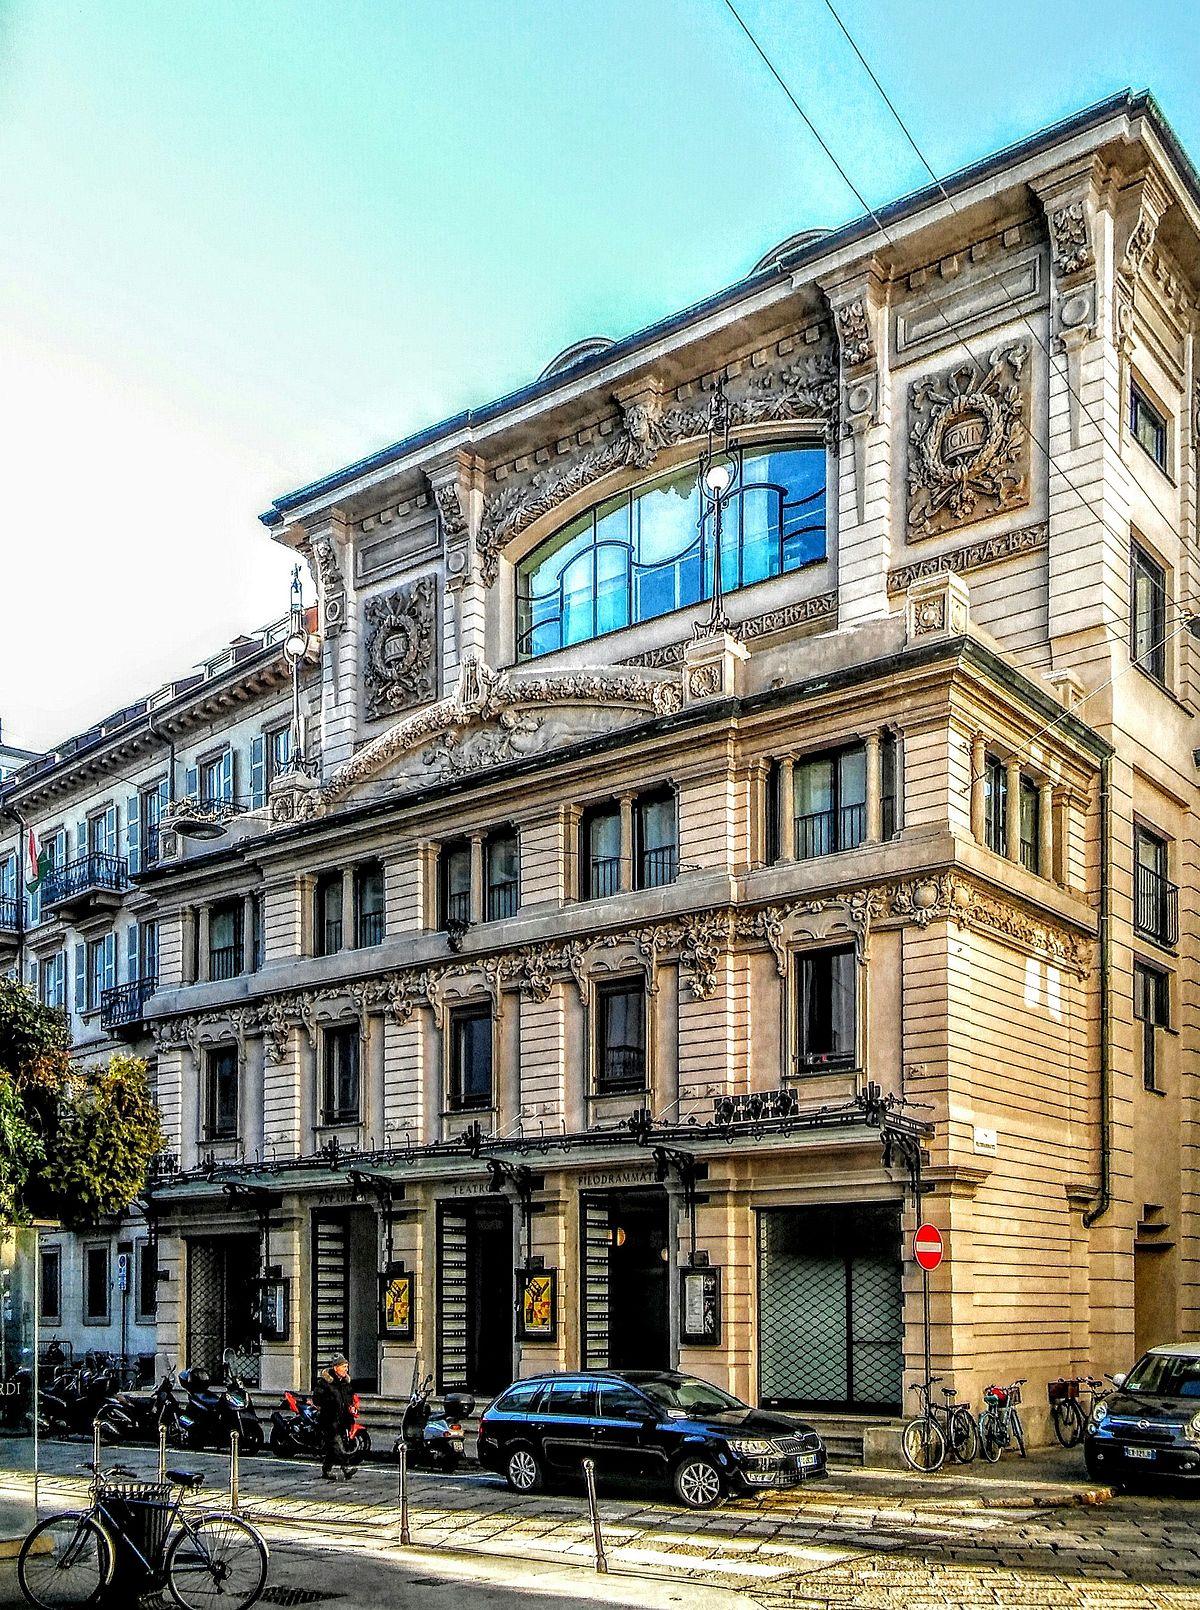 Teatro dei filodrammatici milano wikipedia for Accademia di milano